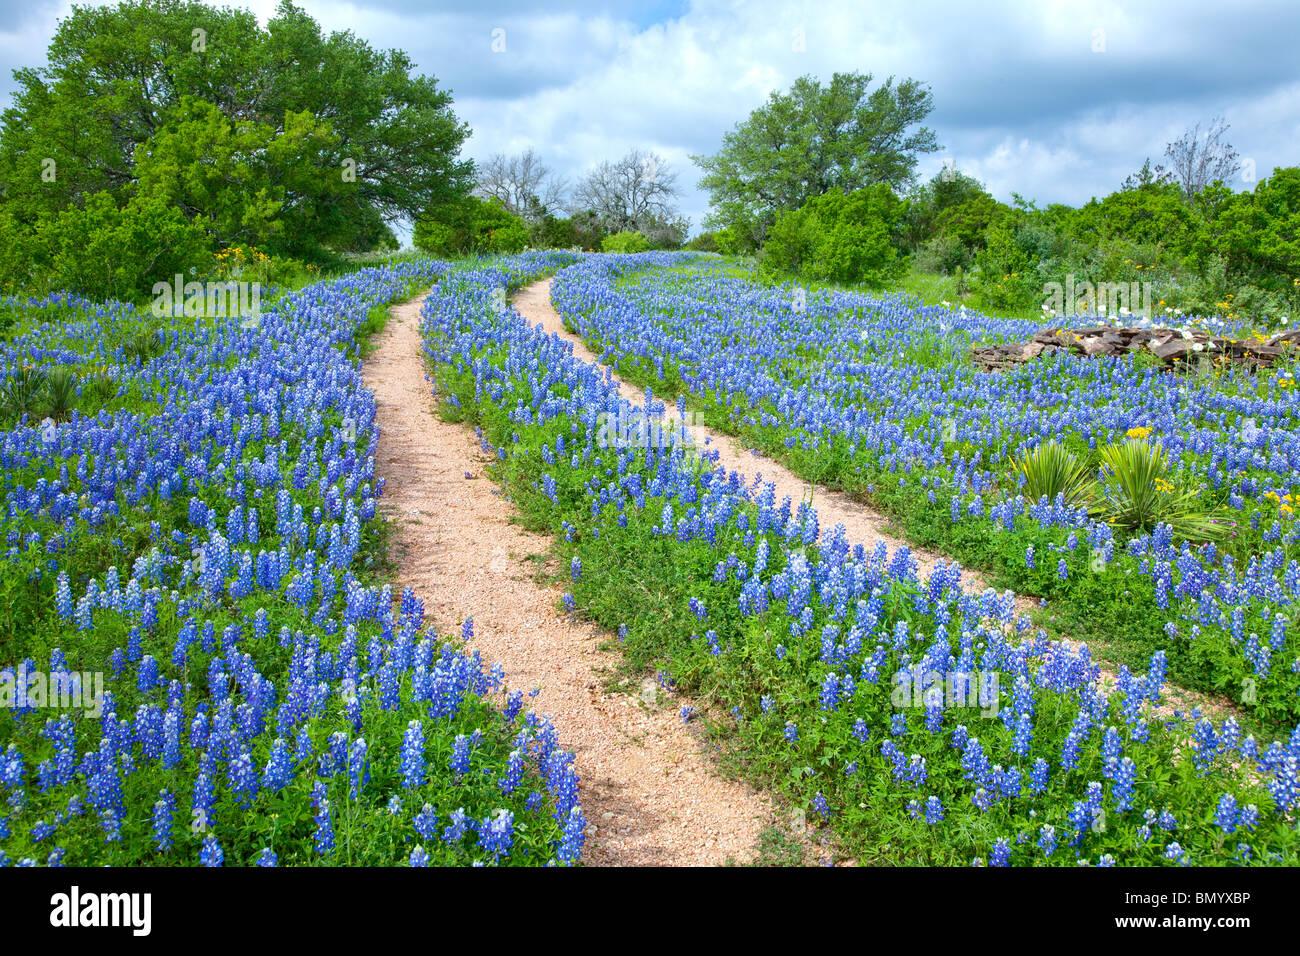 Doppel-Titel durch ein Feld von Texas Bluebonnets in der Nähe von Sandy, Texas. Stockbild